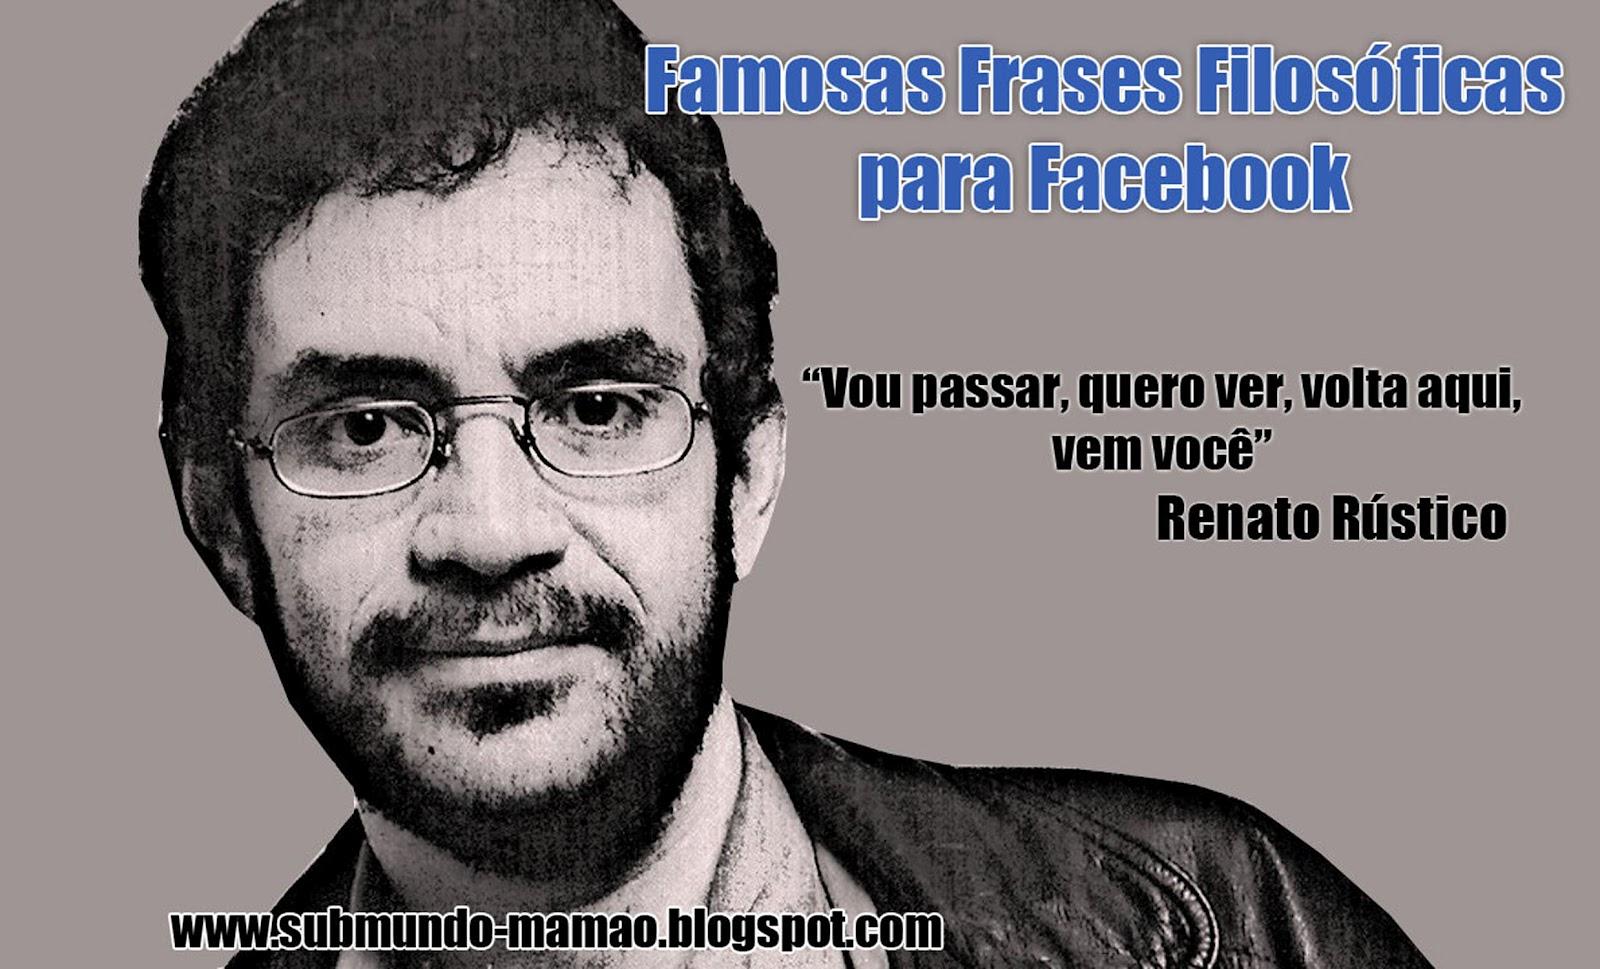 Frases Para Compartilhar No: Piadas Pro Facebook: Frases De Famosos Para Compartilhar